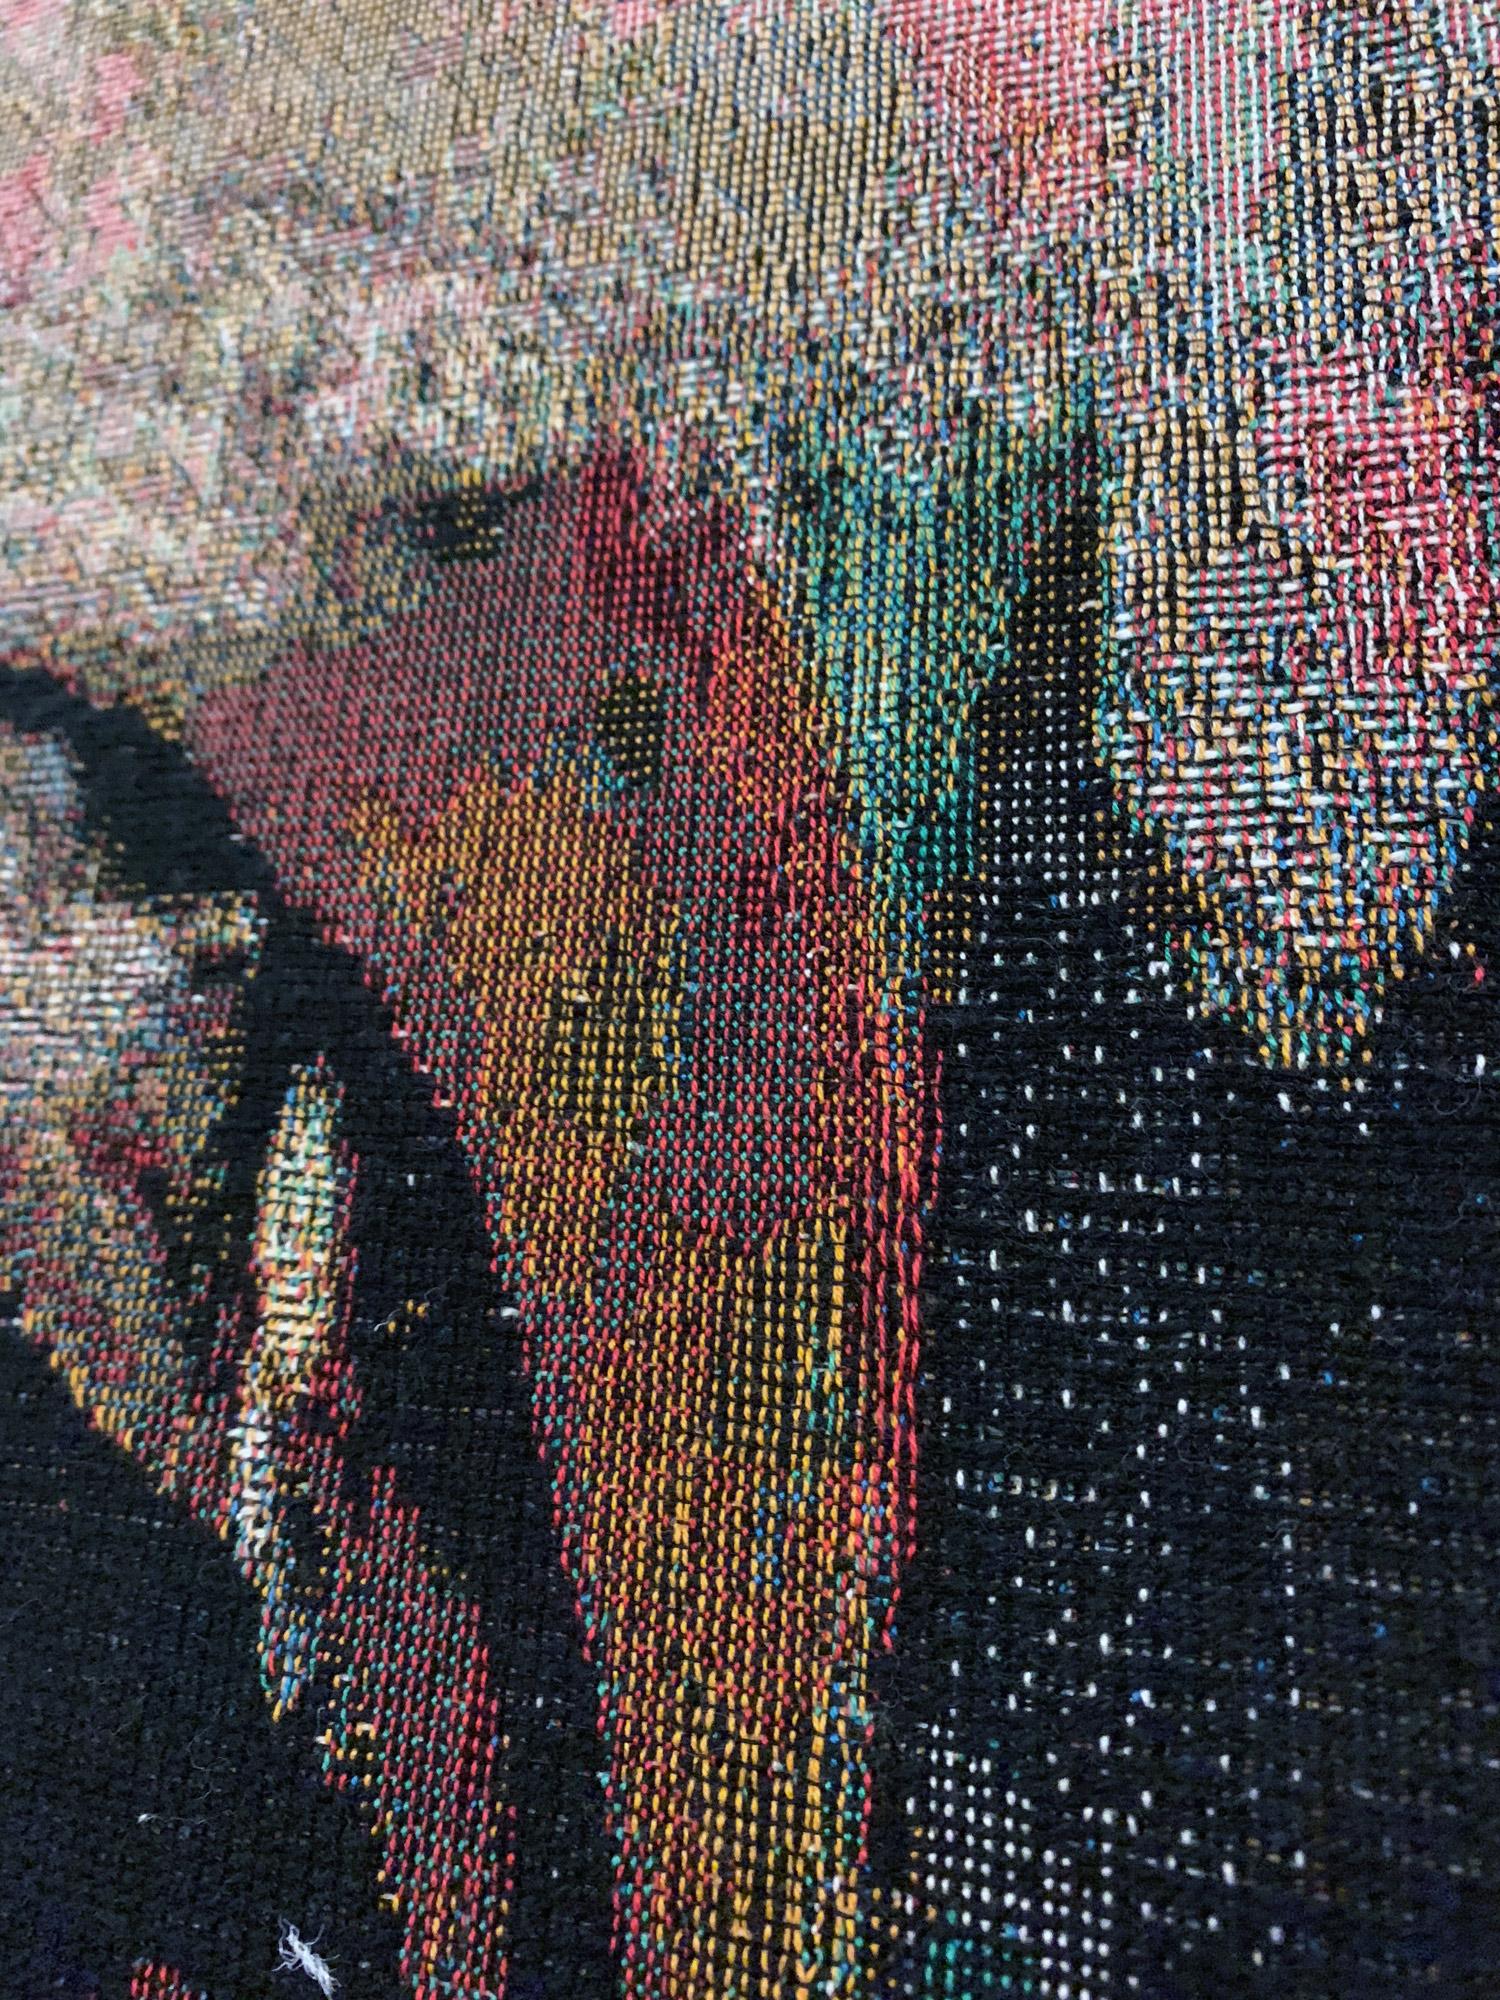 h6^8DJ, 2019 (detail) 190cm x 140cm Dye Cotton Tapestry